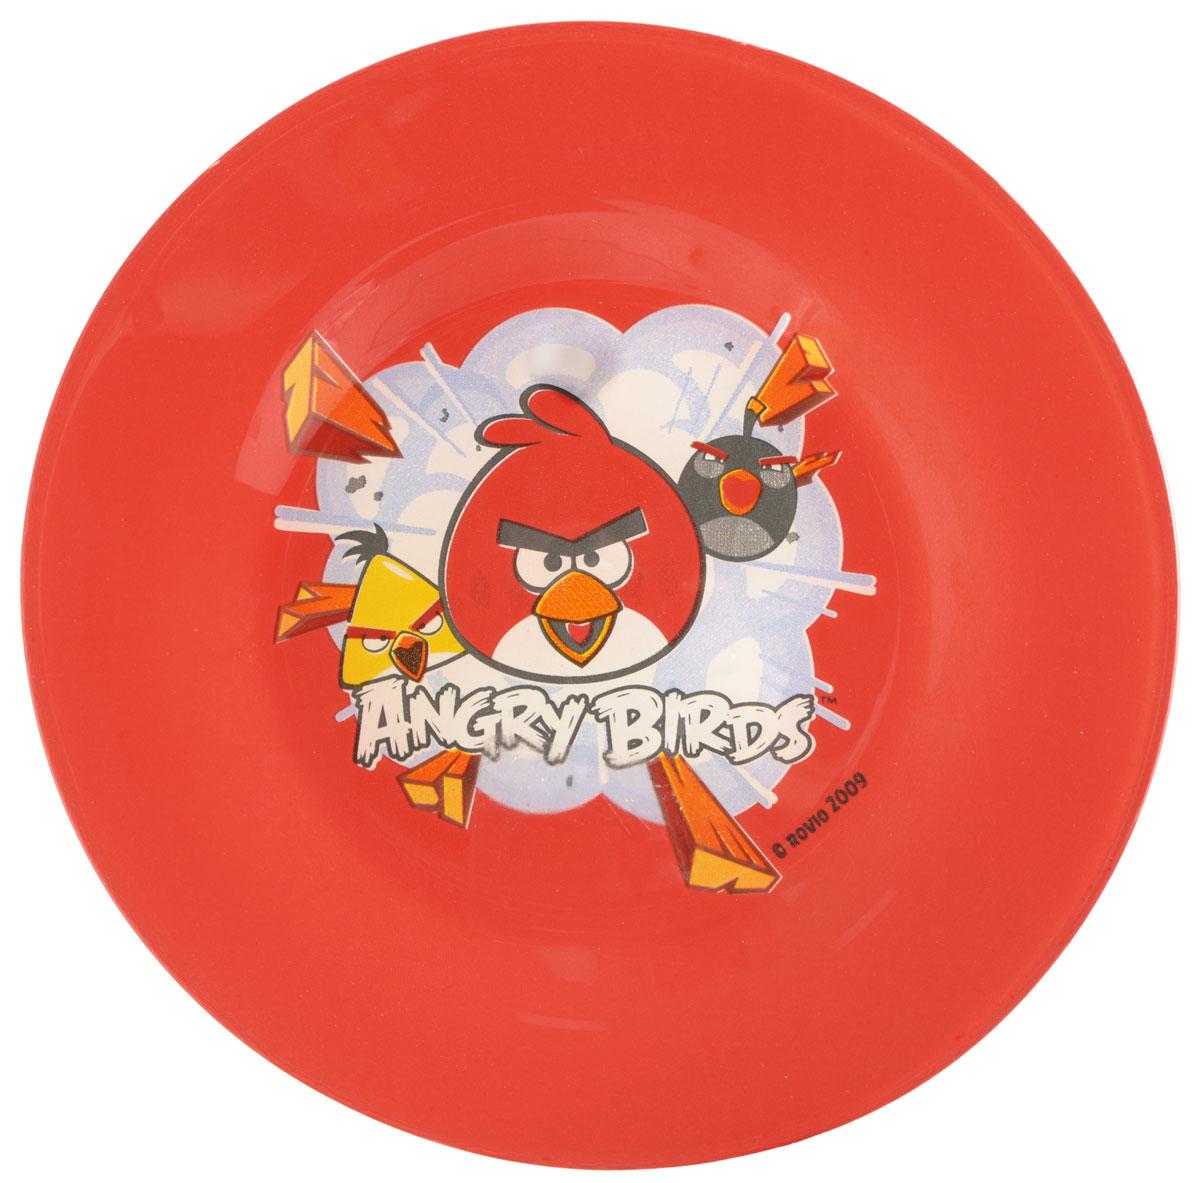 Angry Birds Тарелка детская цвет красный диаметр 19,5 см1066267Яркая тарелка Angry Birds идеально подойдет для кормления малыша и самостоятельного приема им пищи. Тарелка выполнена из закаленного стекла и оформлена высококачественным изображением героев игры Angry Birds. Такой подарок станет не только приятным, но и практичным сувениром, добавит ярких эмоций вашему ребенку! Можно использовать в посудомоечной машине.